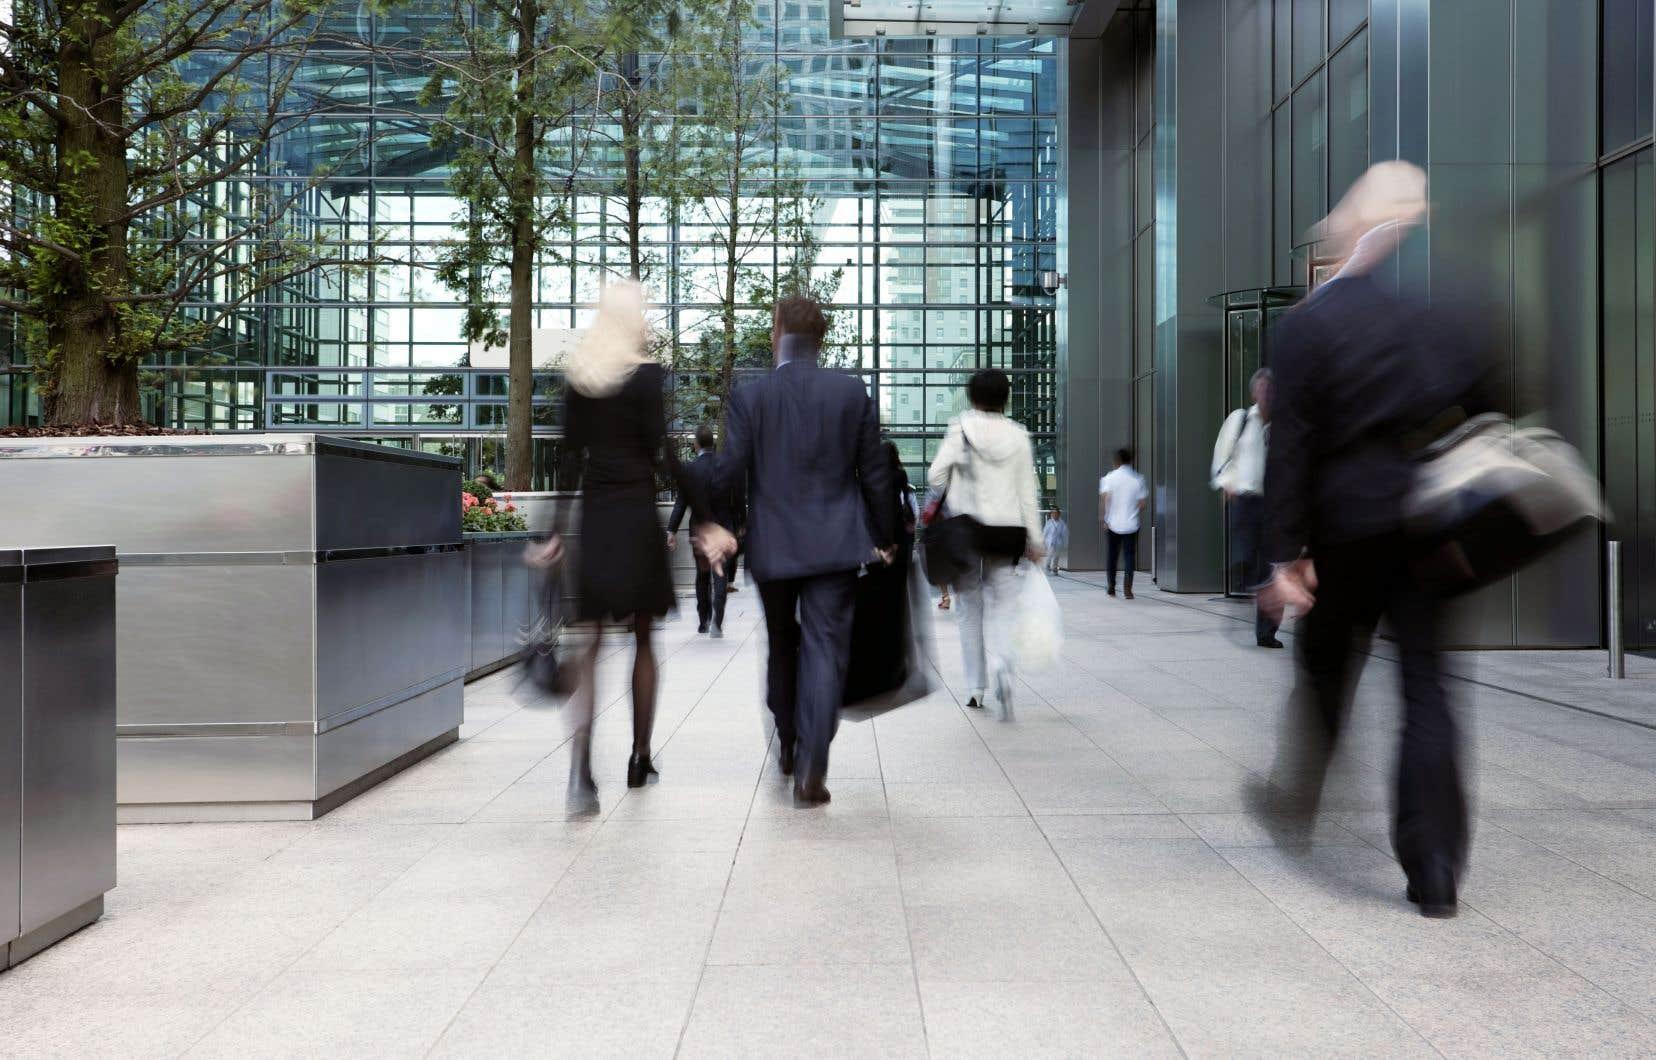 Loin d'une tendance vers la parité, le rétrécissement traduit davantage un changement dans la configuration du marché de l'emploi.